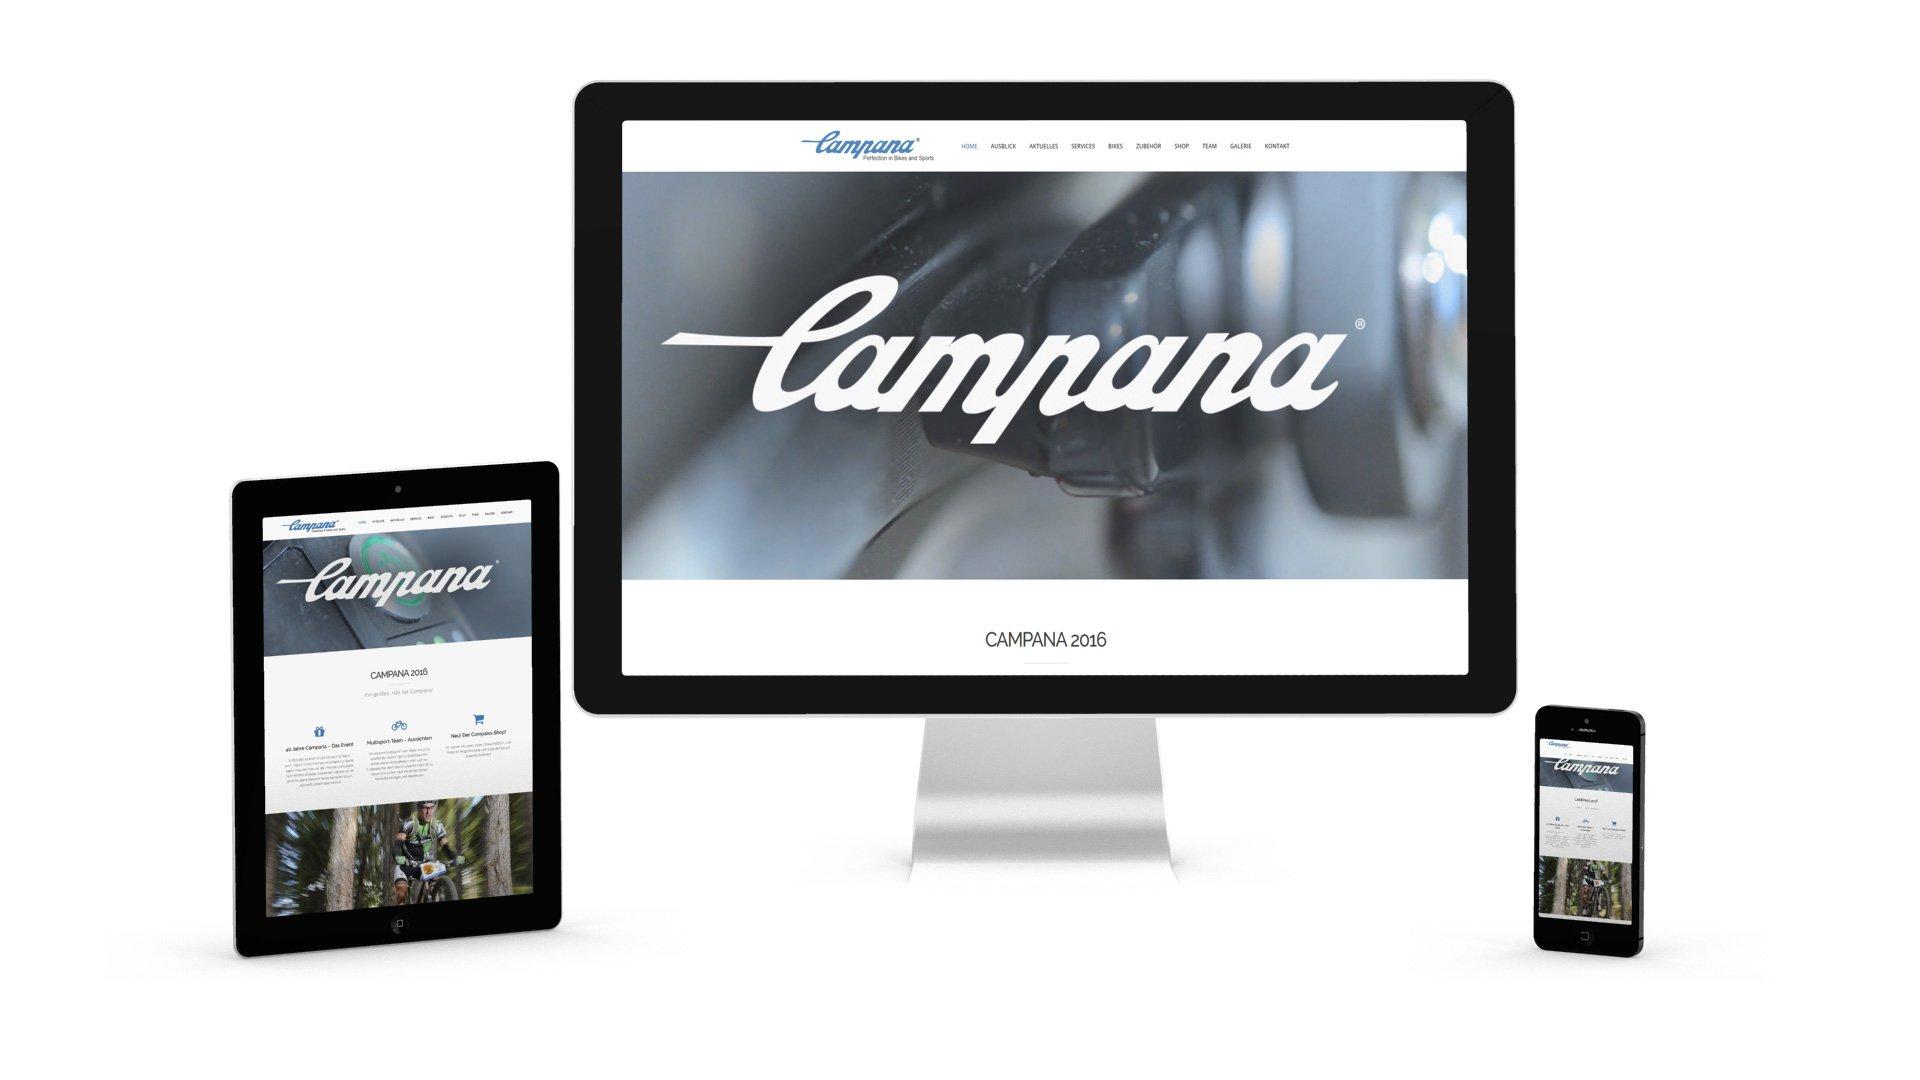 Campana Webseite Responsive Design auf drei Geräten